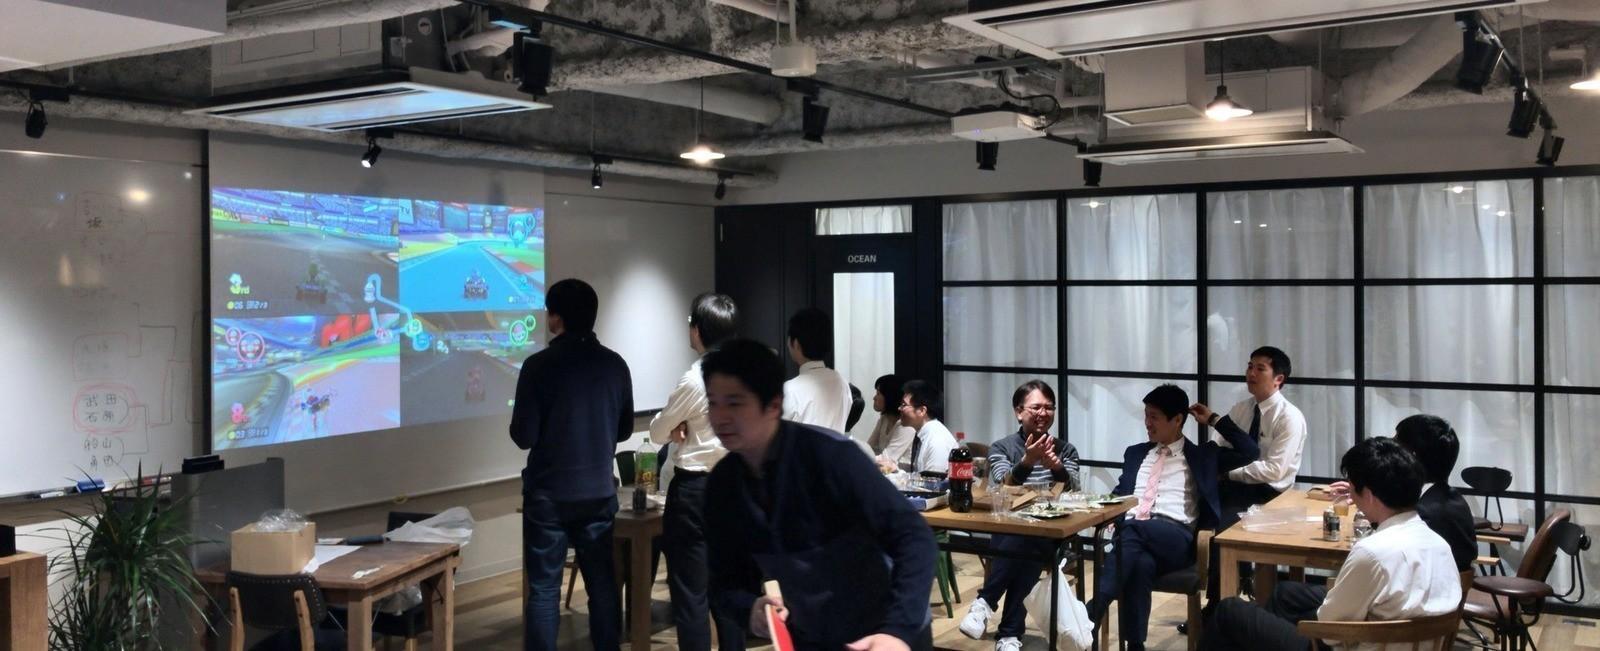 【リモートワーク/副業可】日本の金融UXを変革するフロントエンドエンジニア募集